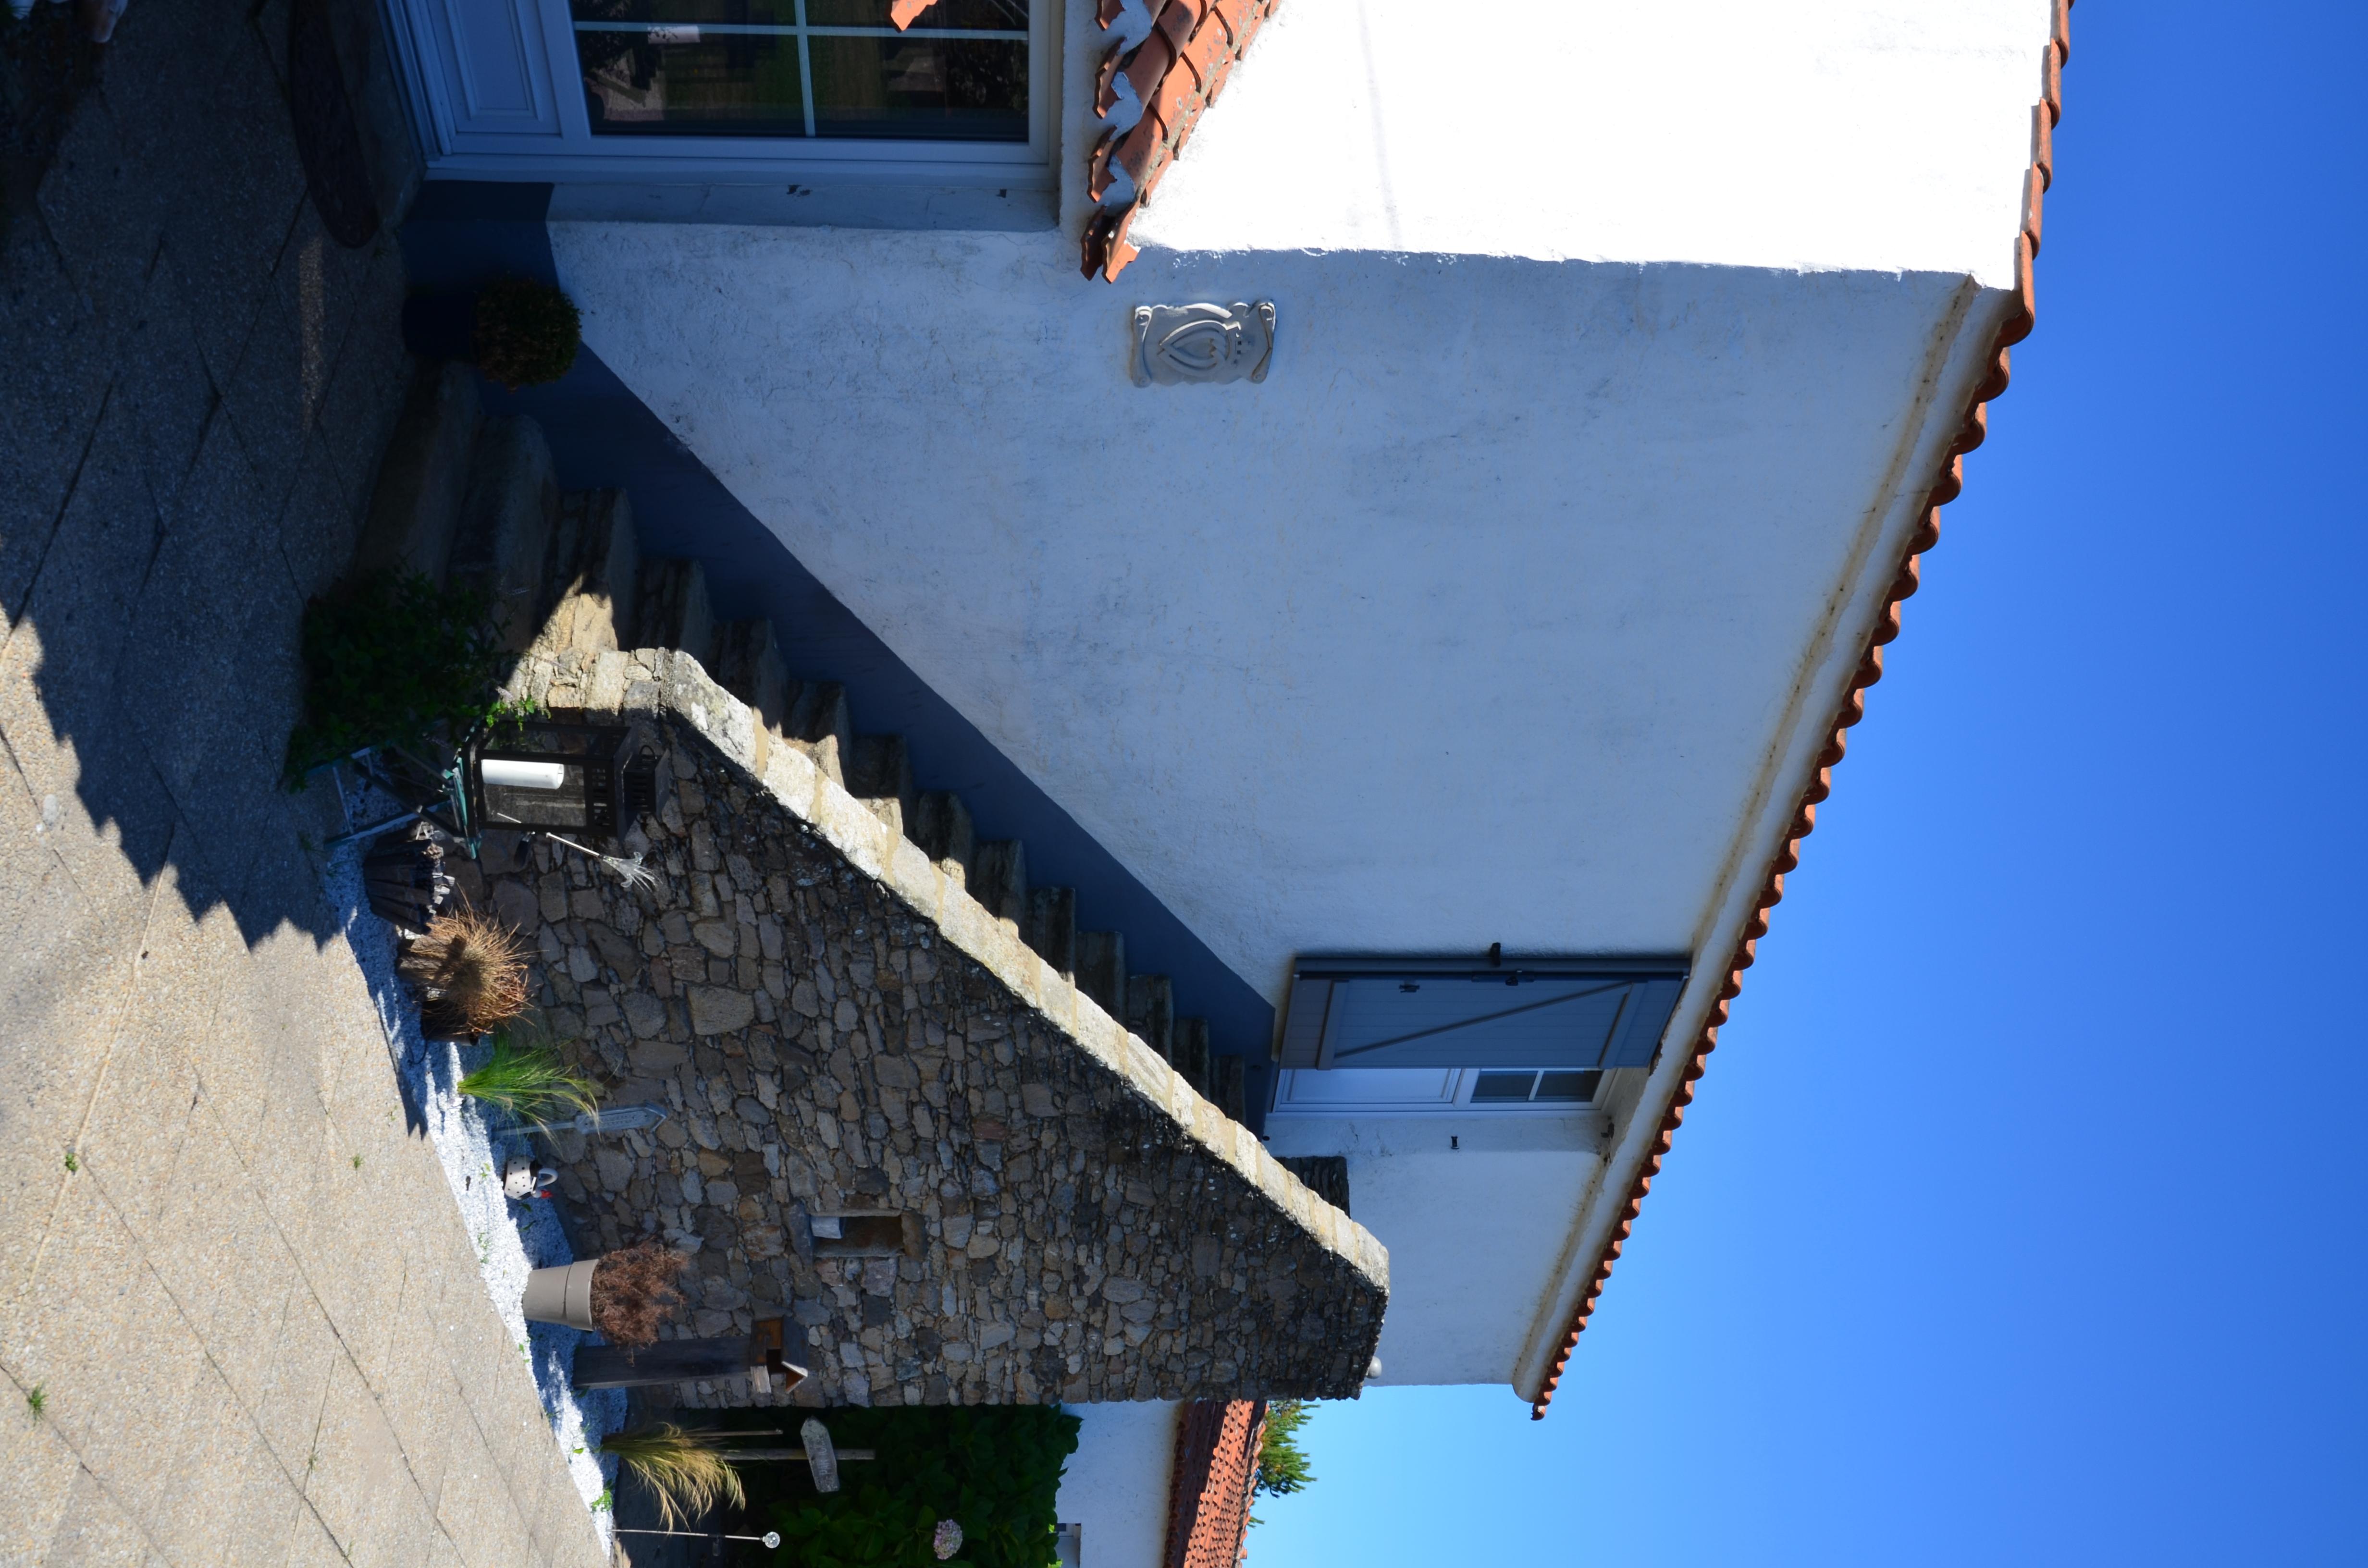 Escalier Dans Maison Ancienne file:escalier extérieur d'une ancienne maison vendéenne - le